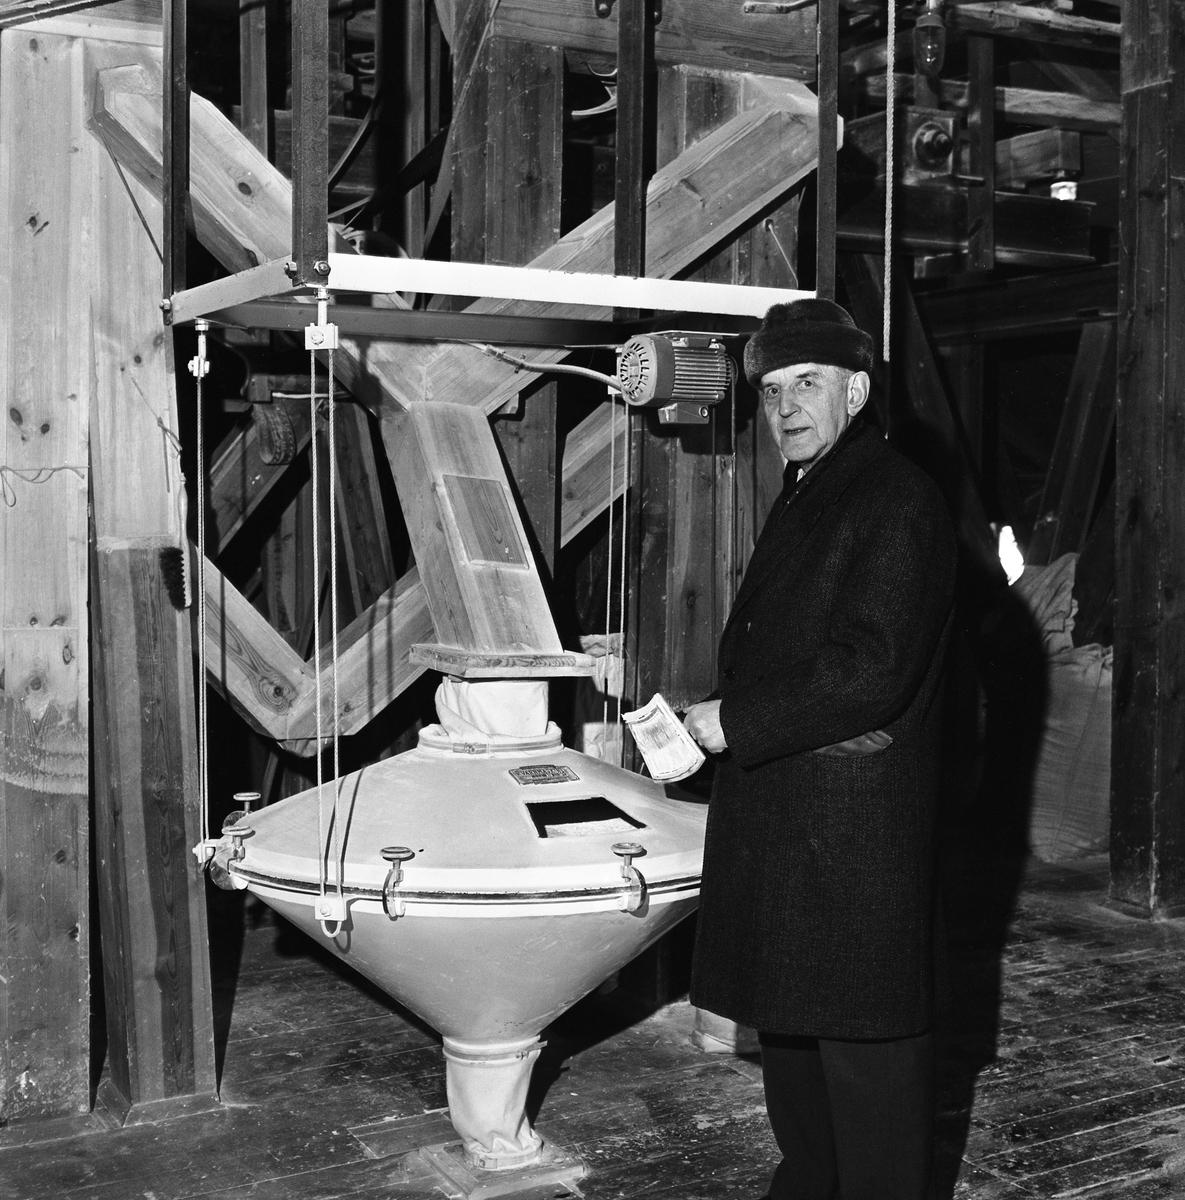 Arboga Kvarn och Maltfabrik, interiör. En äldre man iklädd ytterrock och pälsmössa. Fyllda säckar skymtar i bakgrunden.  Det som kom att bli Arboga Kvarn och Maltfabrik anlades 1821 av Jonas Örström. Kvarnrörelsen startade 1915 och upphörde 1967. Vetemjöl av märket Guldsnö framställdes här. Maltproduktionen upphörde 1972.  Läs om Arboga Kvarn och Maltfabrik: Hembygdsföreningen Arboga Minnes årsböcker från 1979 och 1999 Reinhold Carlssons bok Arboga objektivt sett